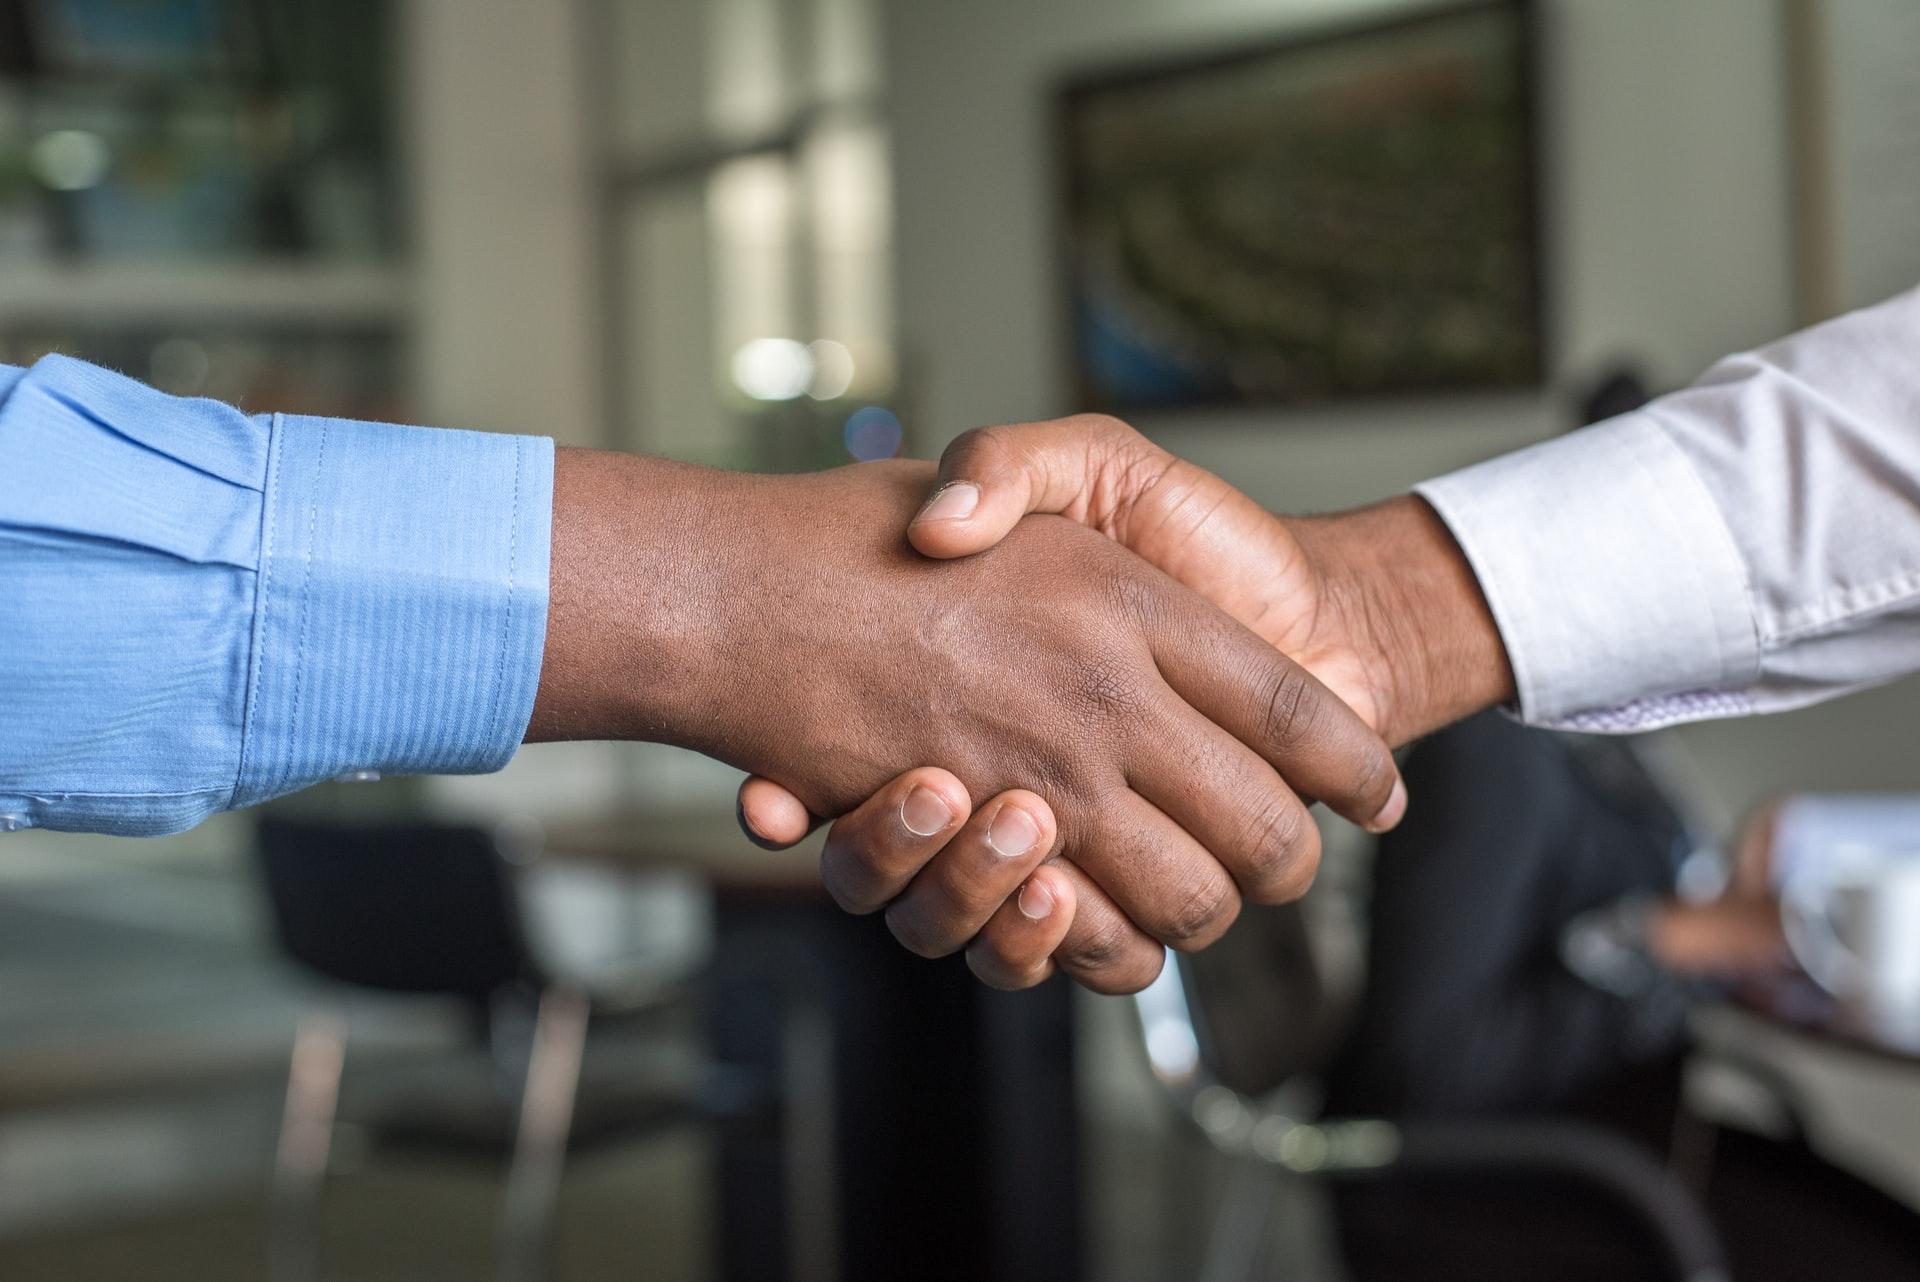 Aperto de mãos representa a certidão vintenária do imóvel, que garante os direitos de quem vende e de quem compra o imóvel.